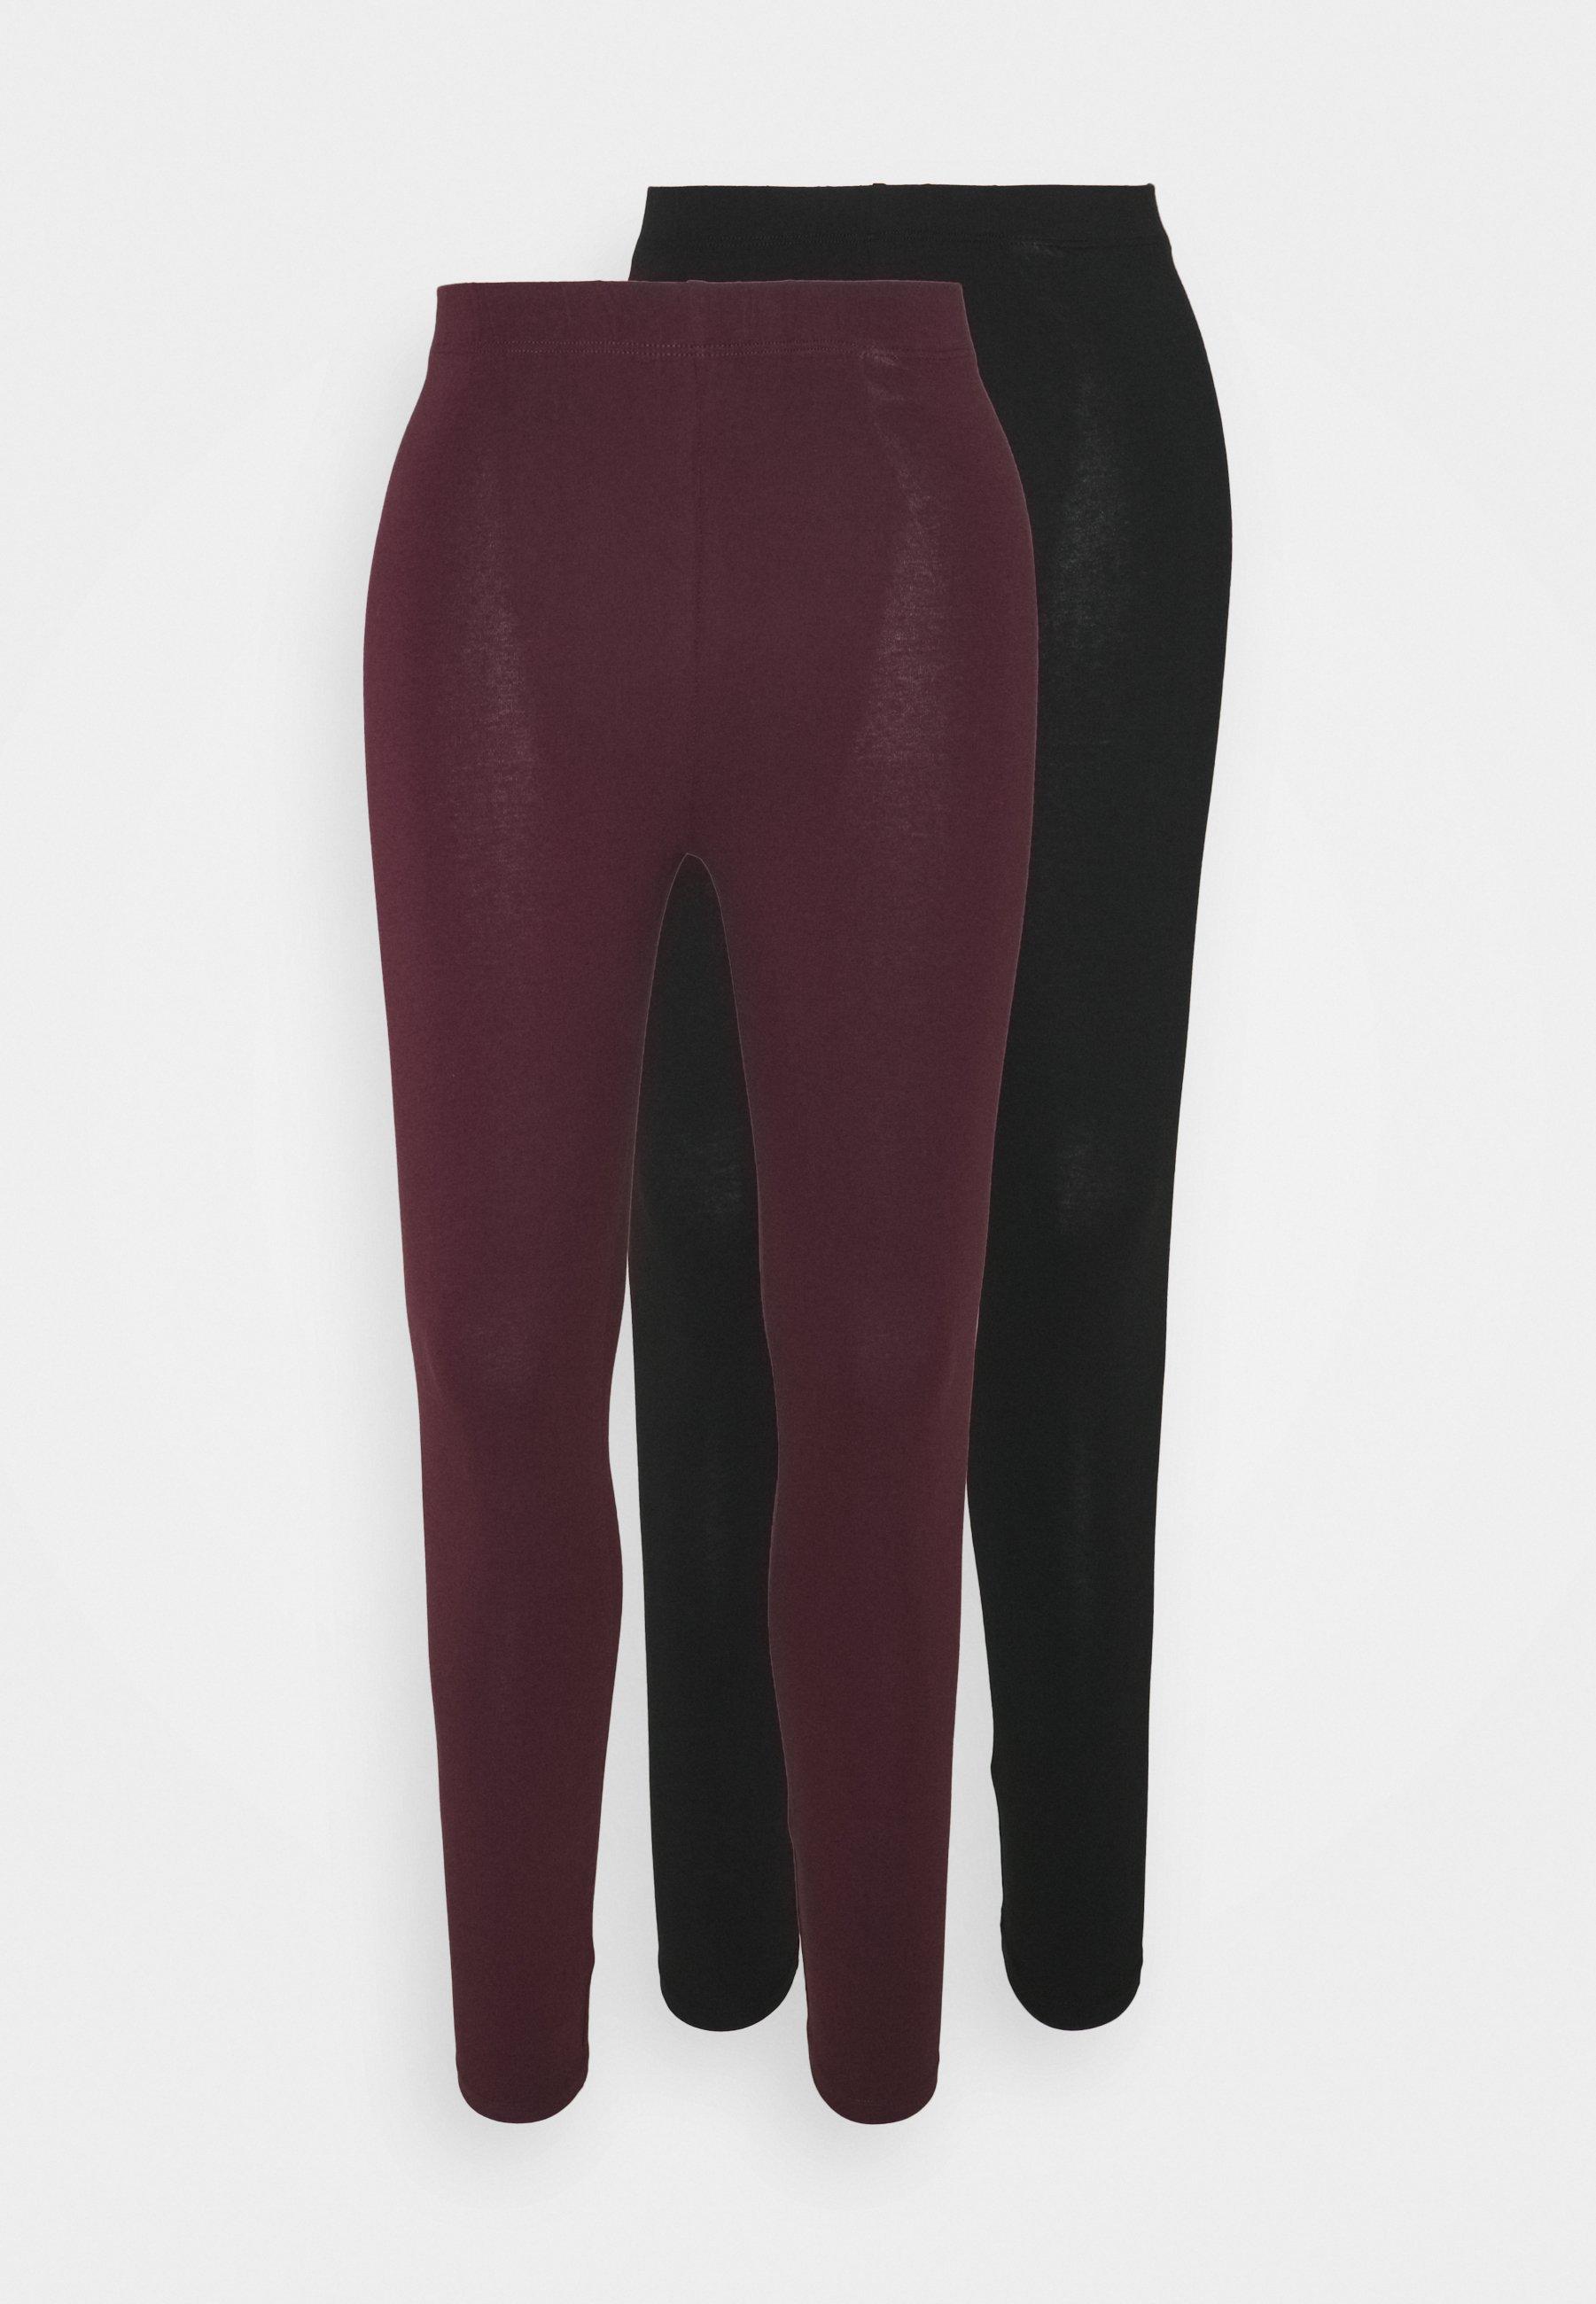 Damen 2 PACK - Leggings - Hosen